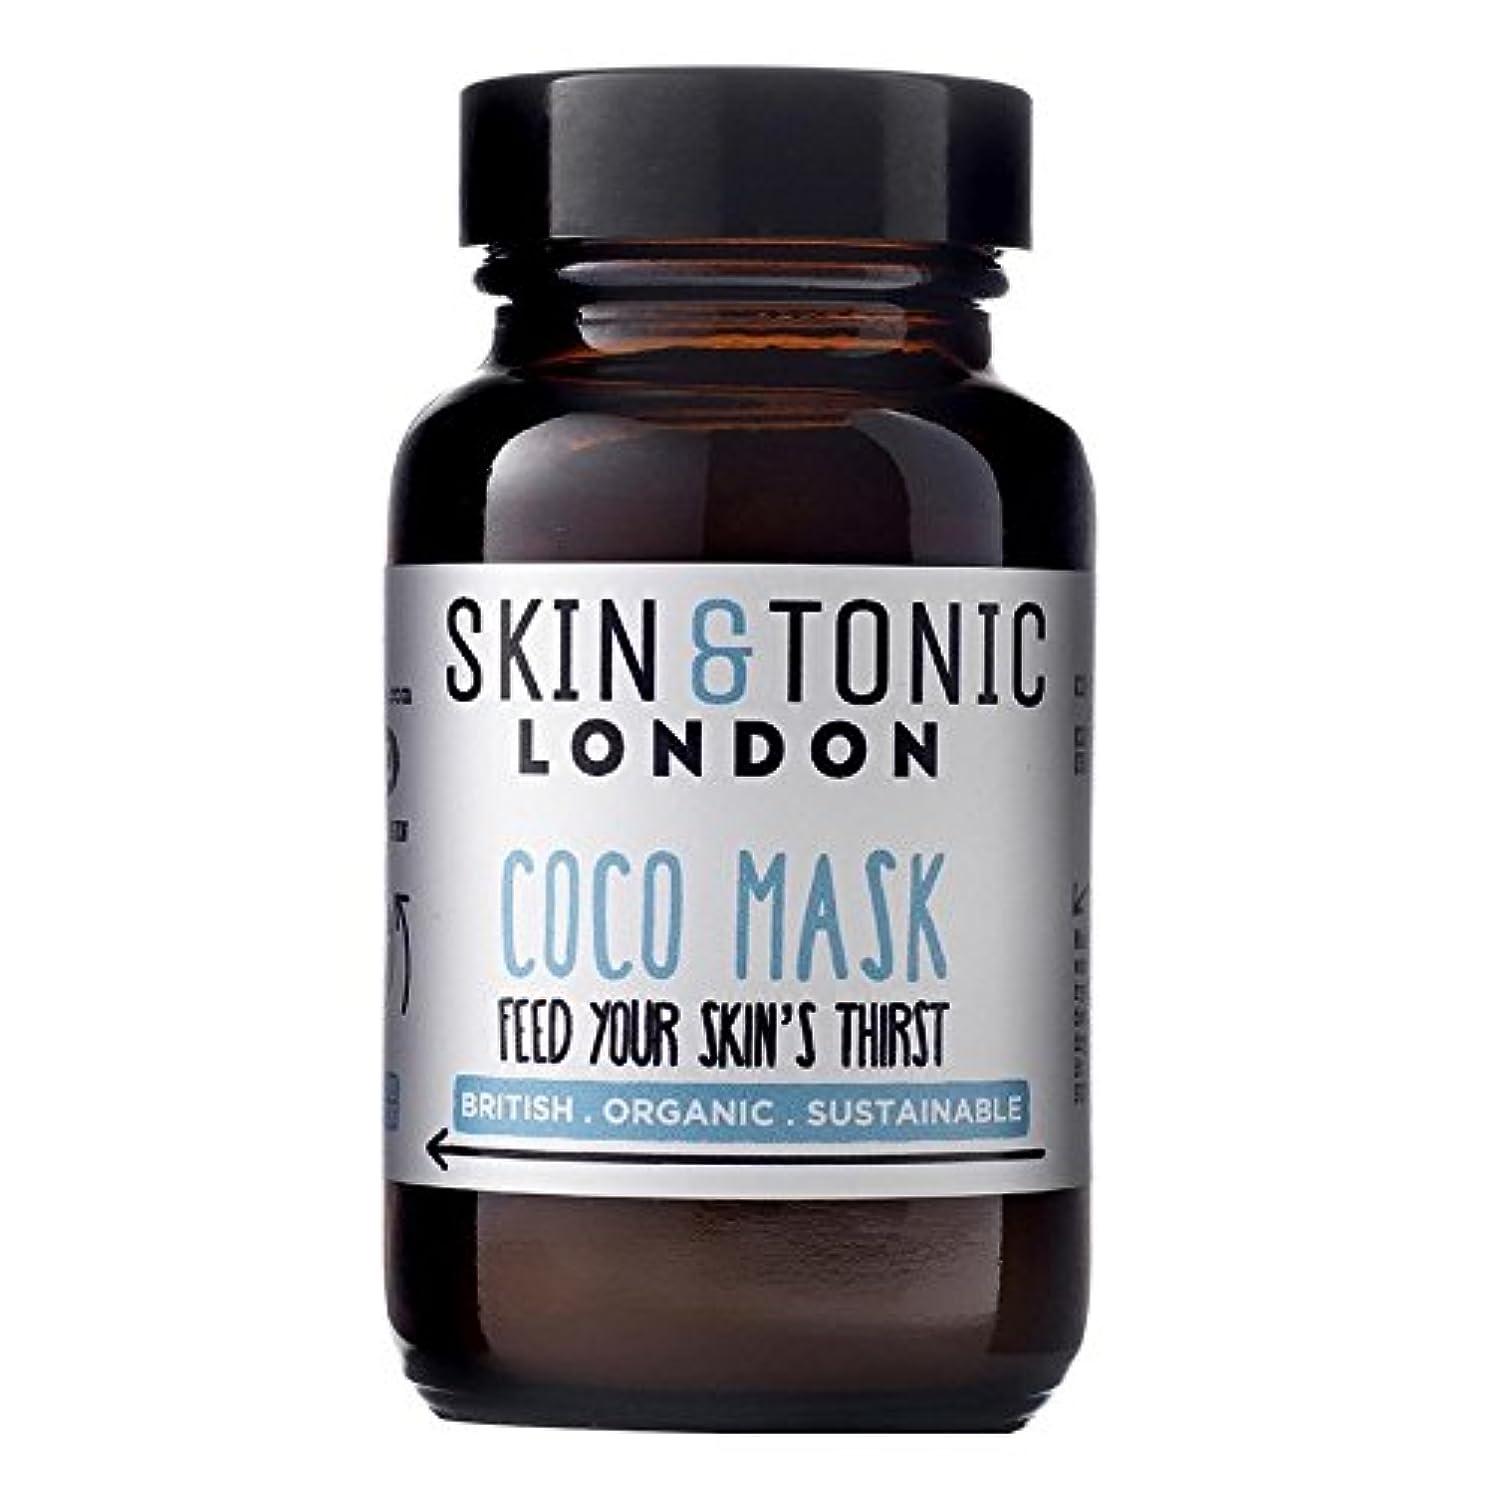 汚染びっくりした扇動スキン&トニックロンドンココマスク50グラム x2 - Skin & Tonic London Coco Mask 50g (Pack of 2) [並行輸入品]